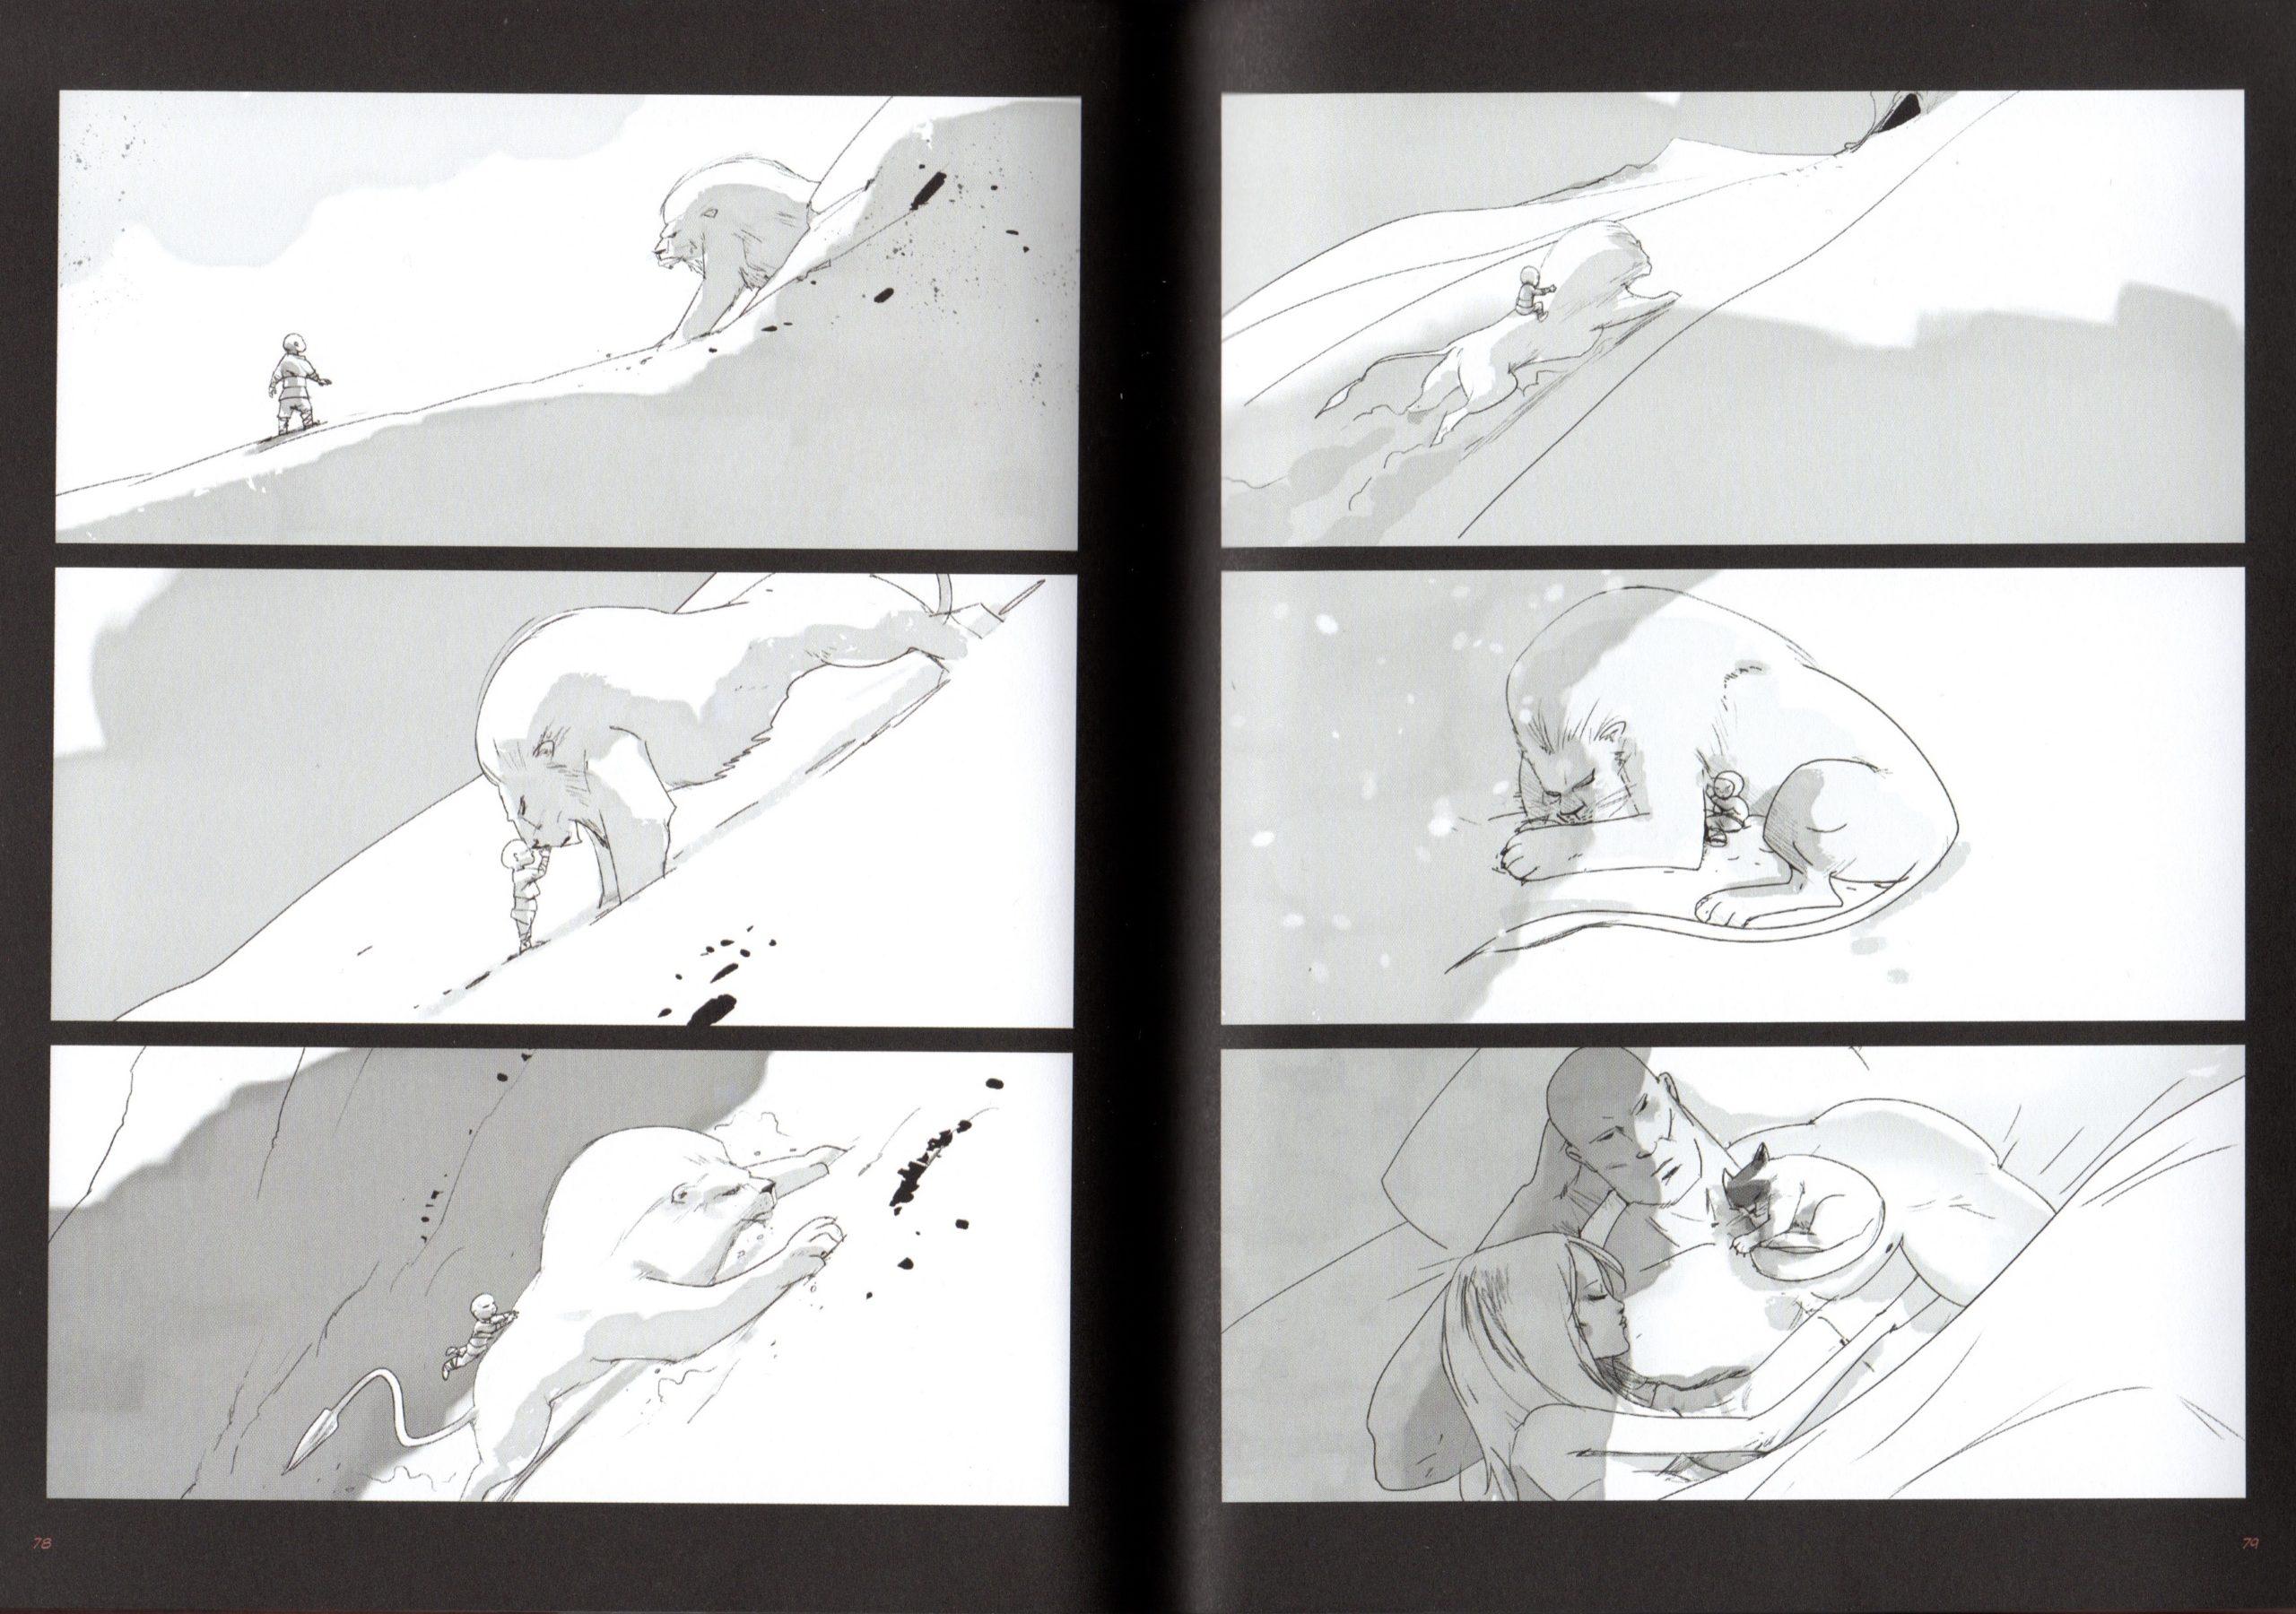 Extrait Blackfury tome 2 La révolte de sky Mahô Editions Stéphane Goddard Adrien Fargue